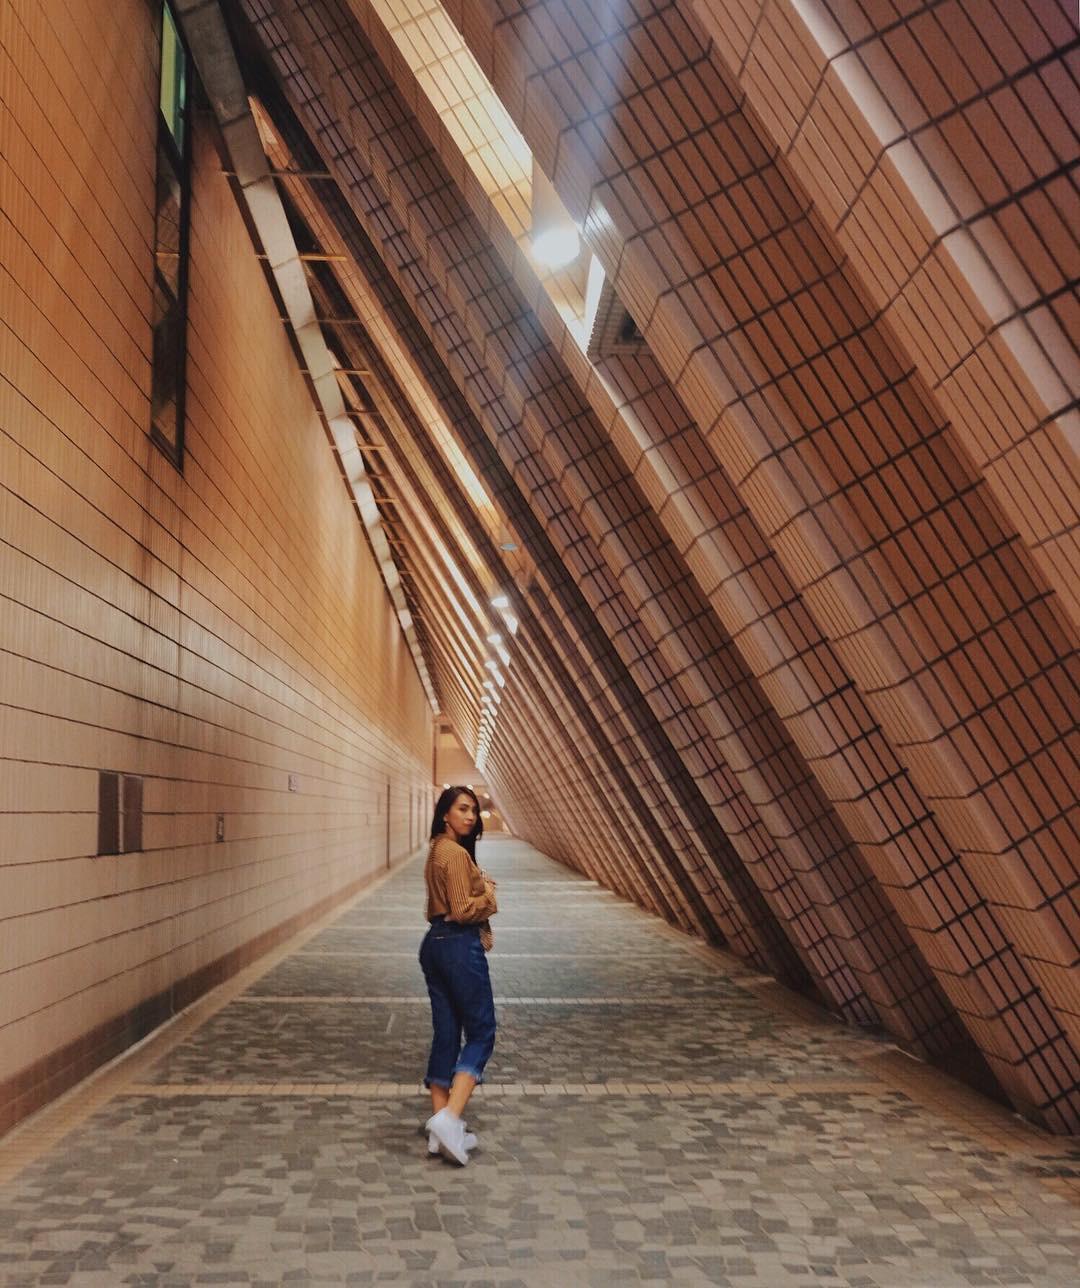 Tất tần tật những gì bạn cần biết về bức tường được giới trẻ Việt check-in ầm ầm ở Hong Kong! - Ảnh 12.